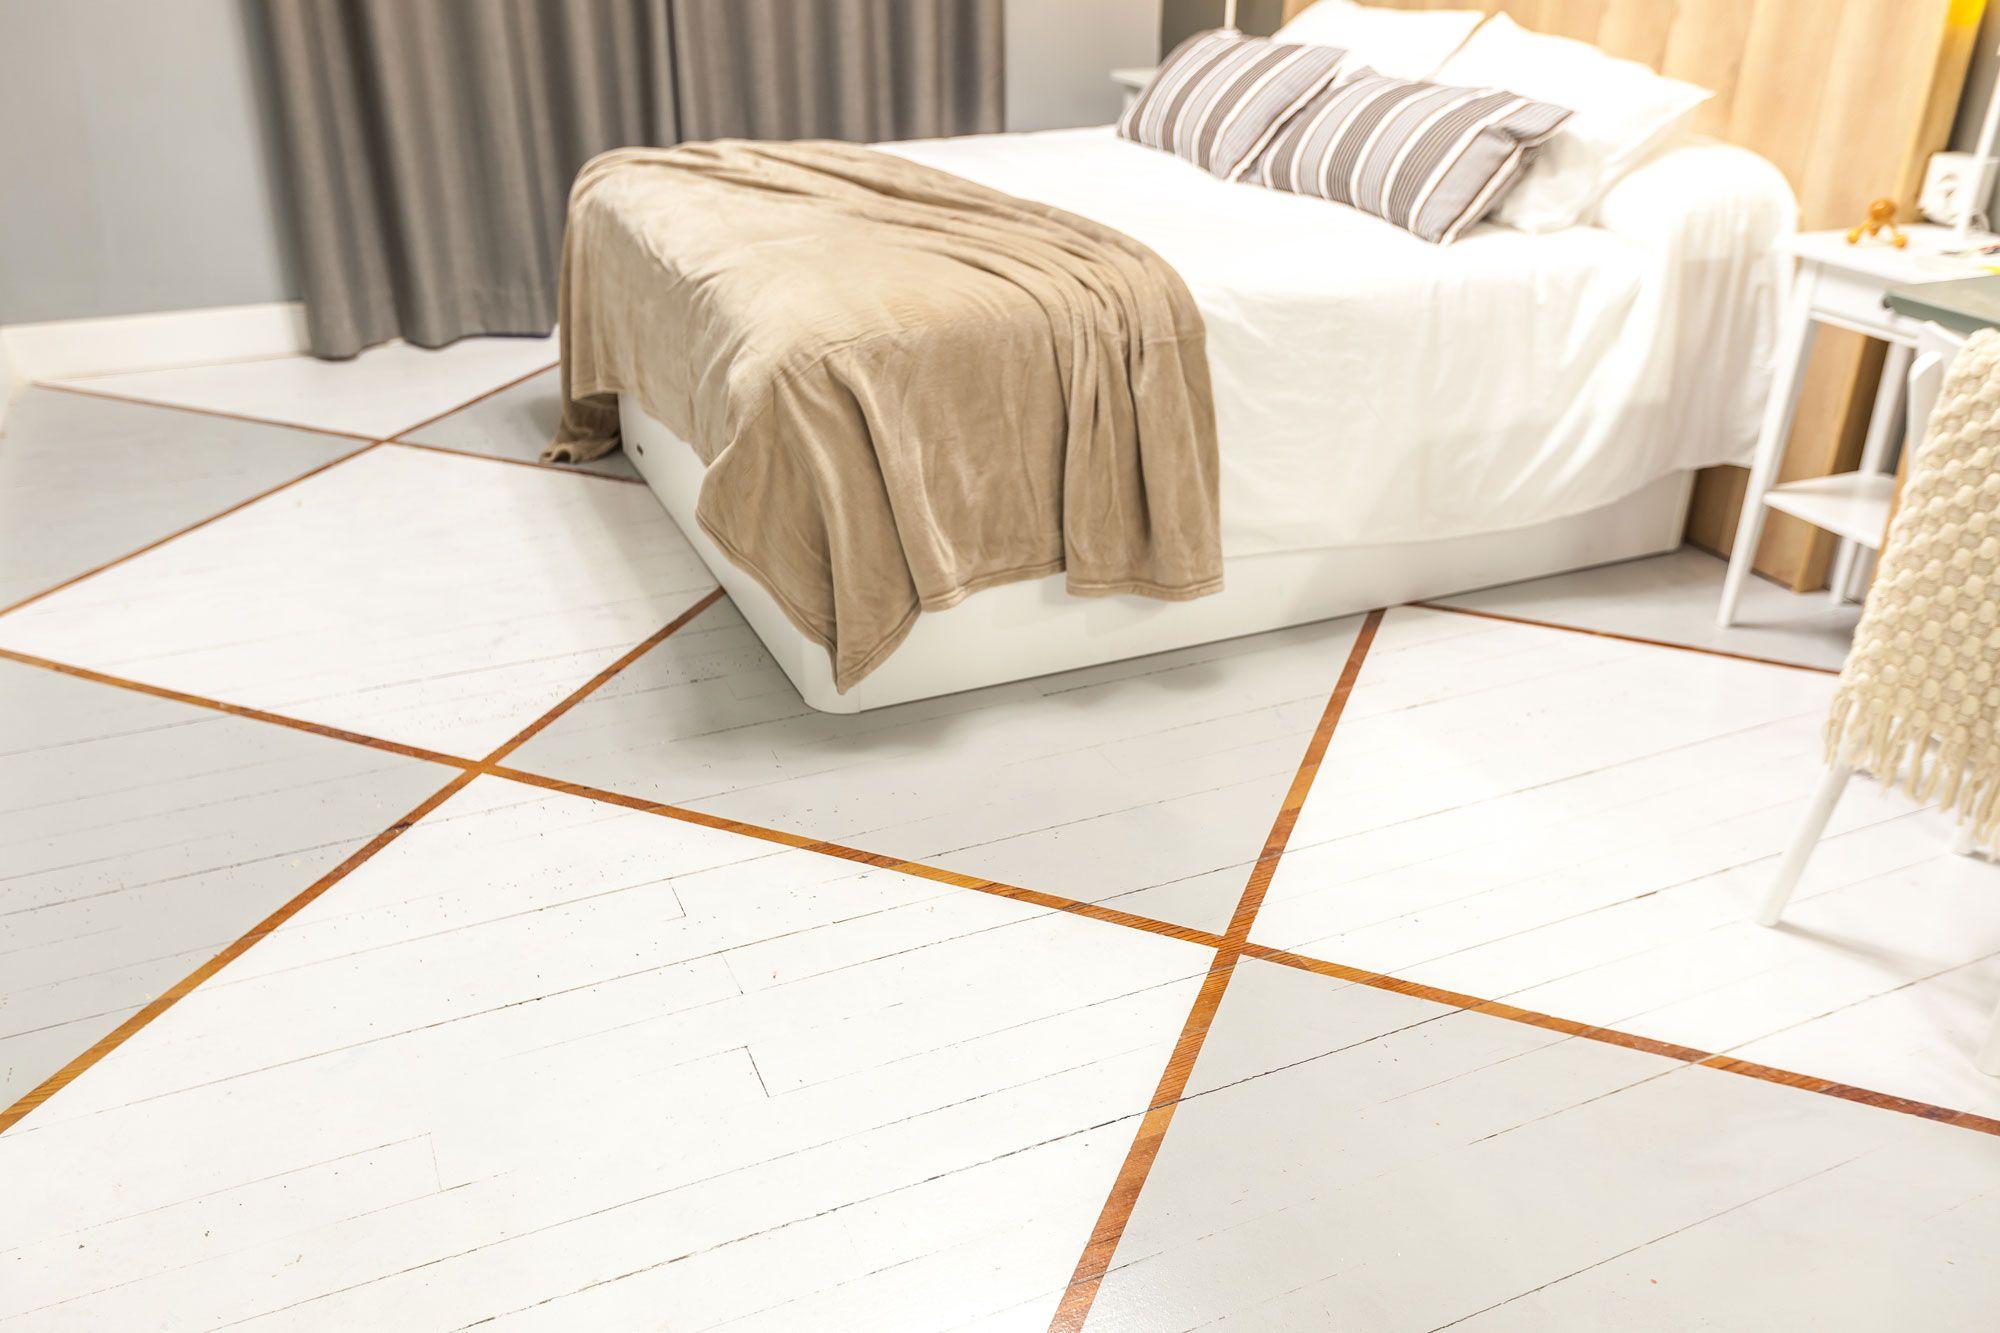 suelo del dormitorio con mini estudio nórdico